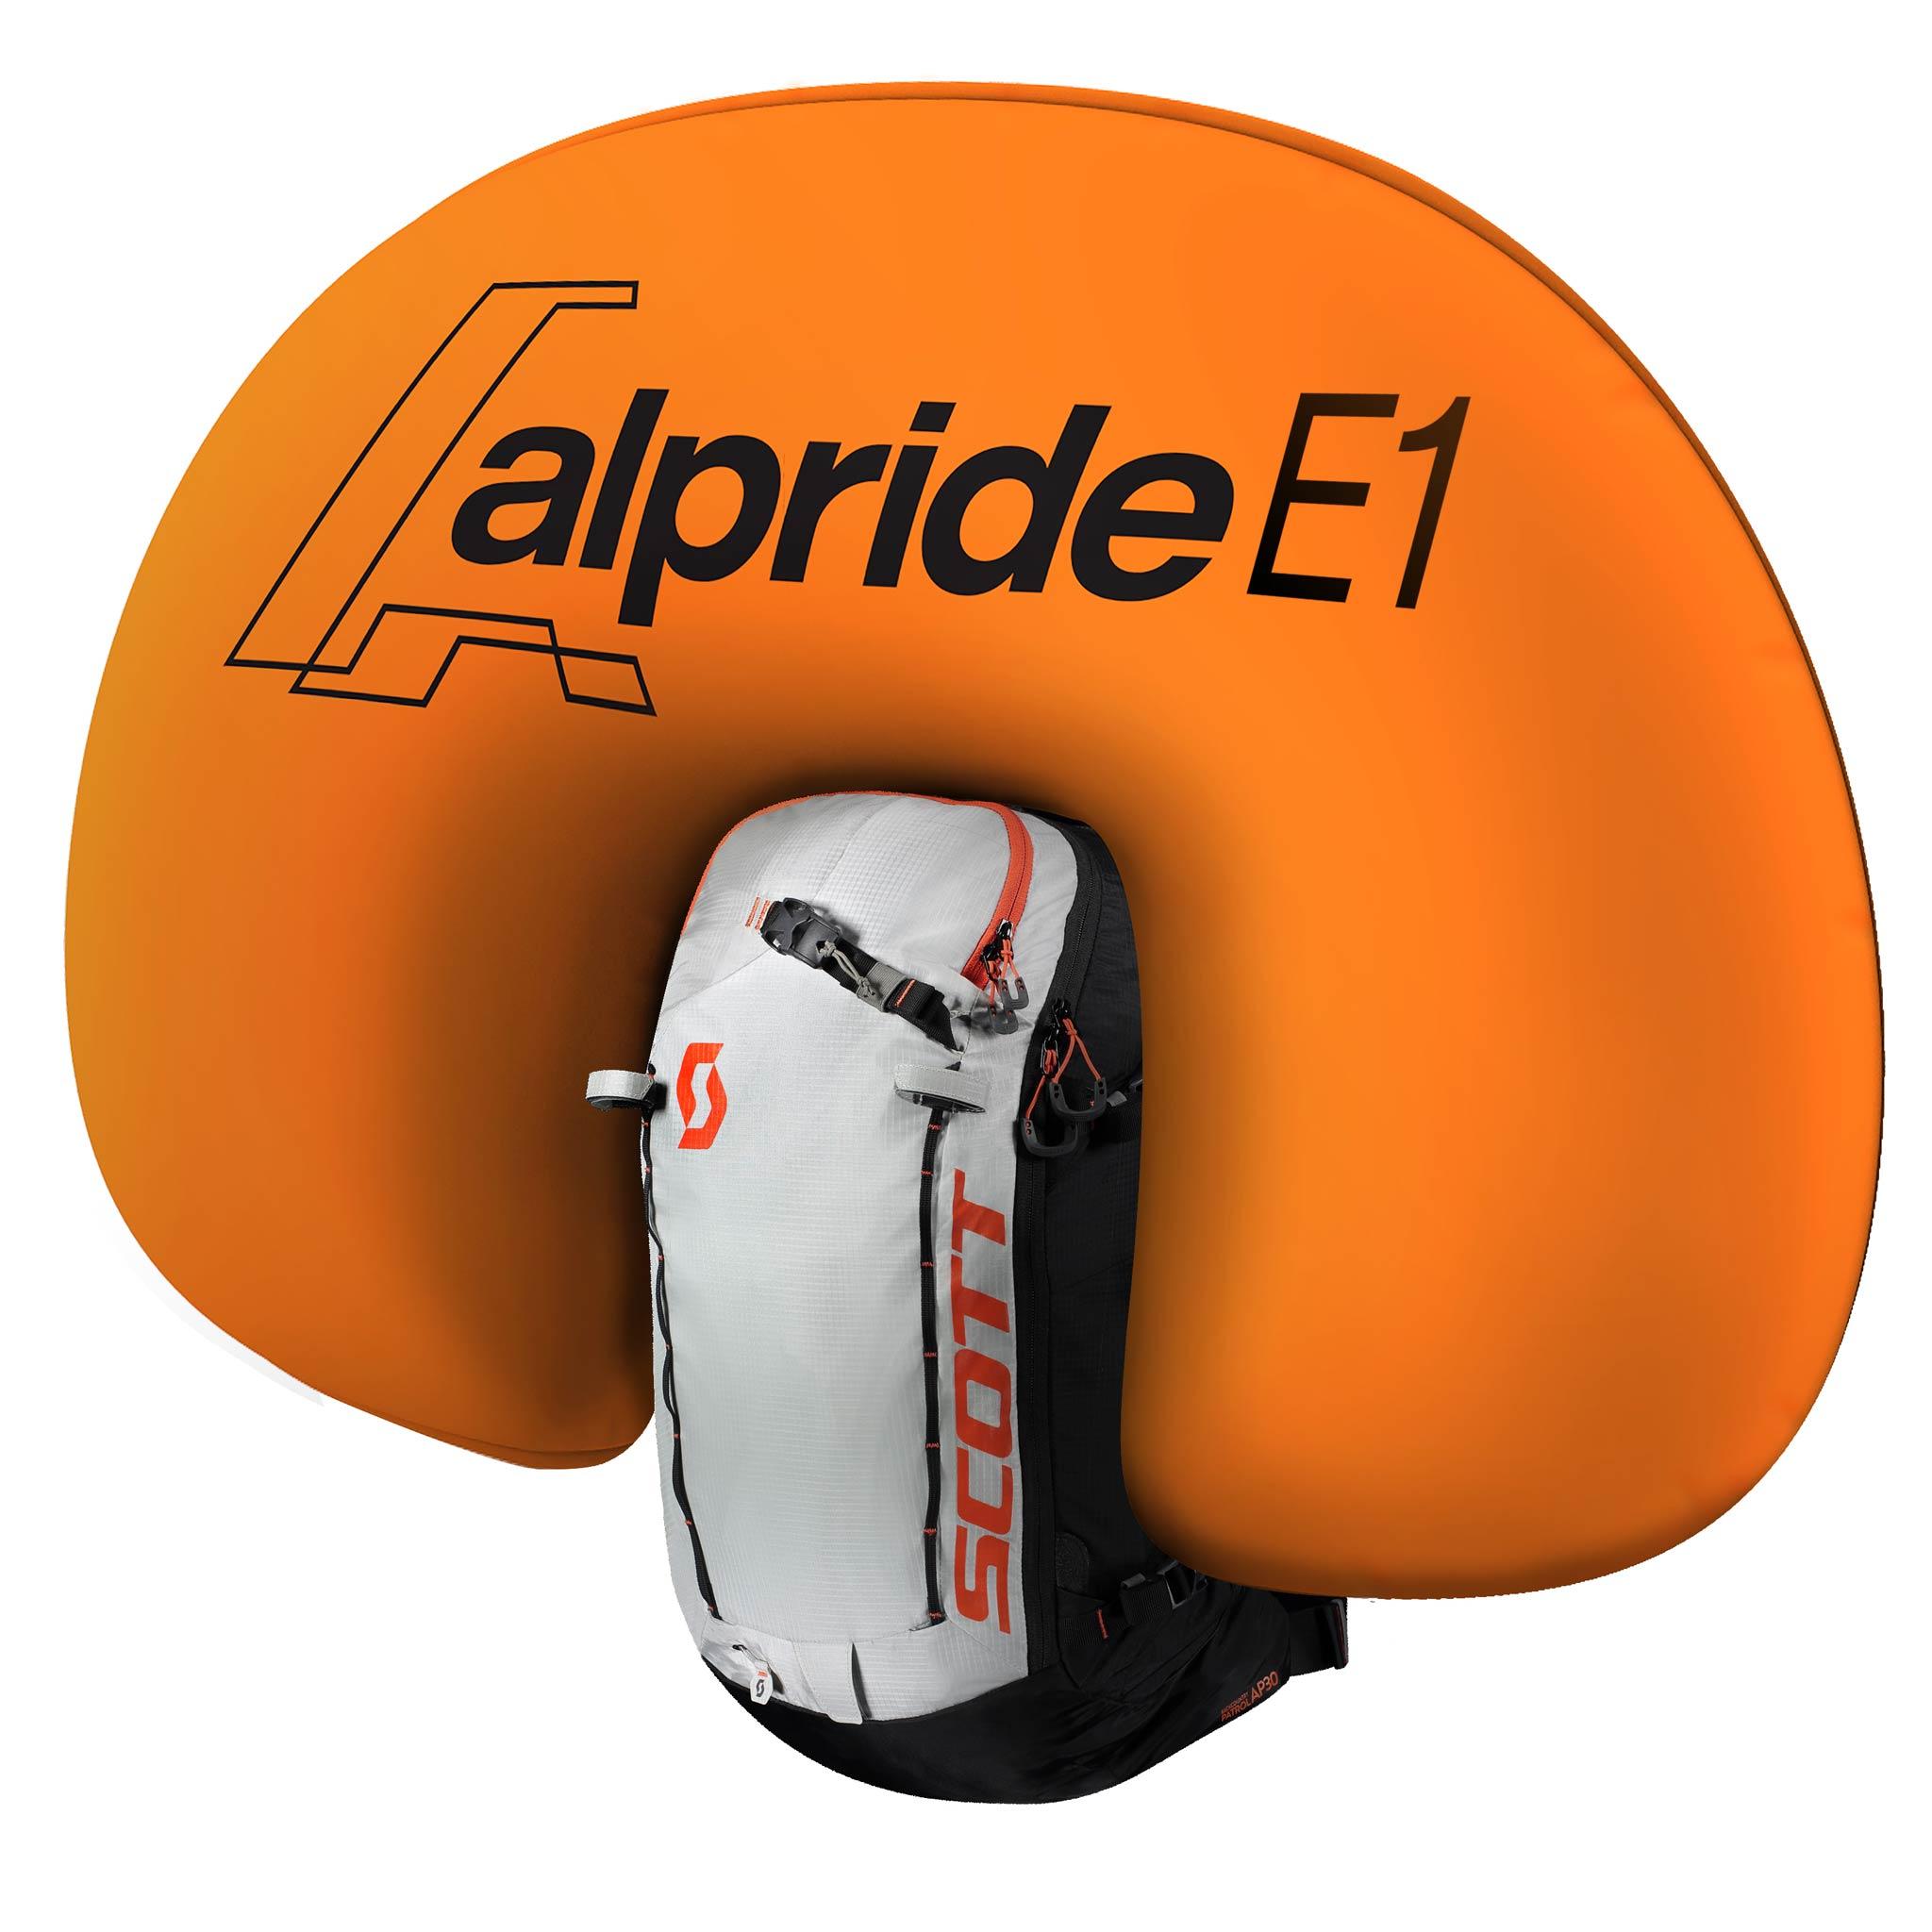 Scott Sports Alpride E1 Airbag-System 2020/2021 mit vollelektronischer Superkondensator-Technologie